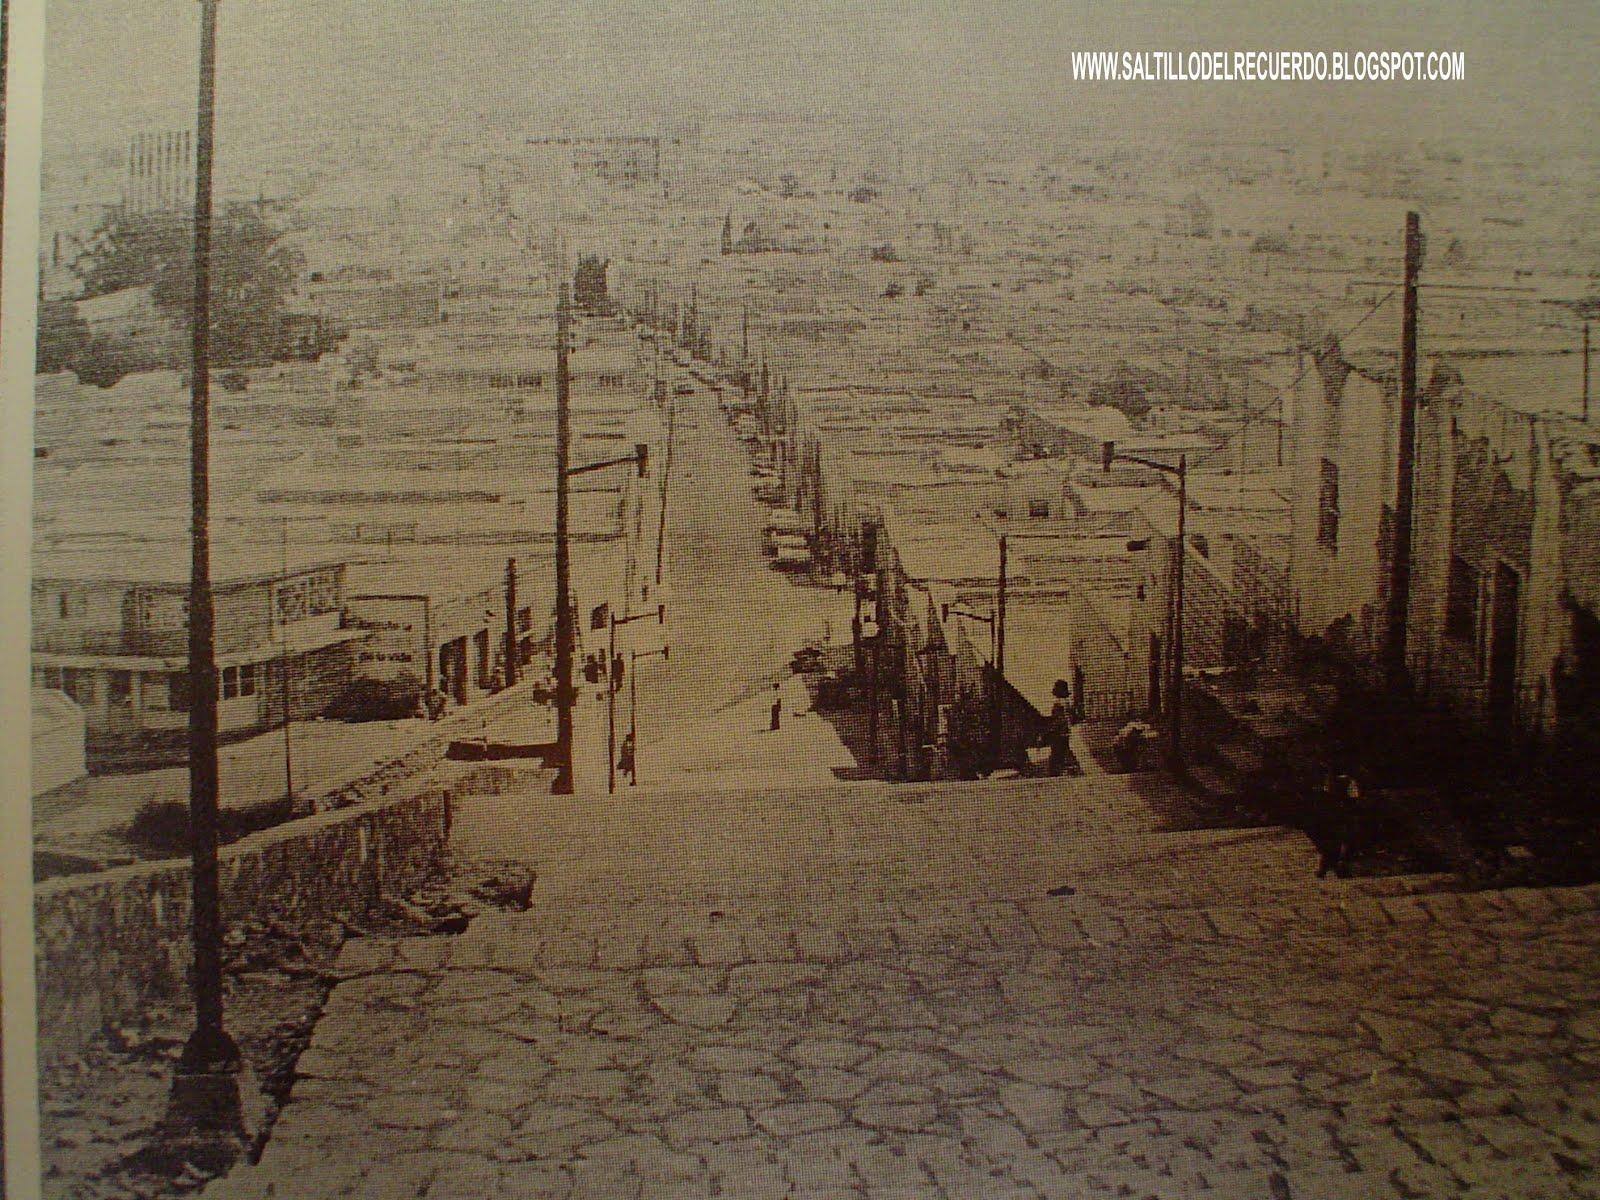 Saltillo Del Recuerdo El Barrio De Santa Anita